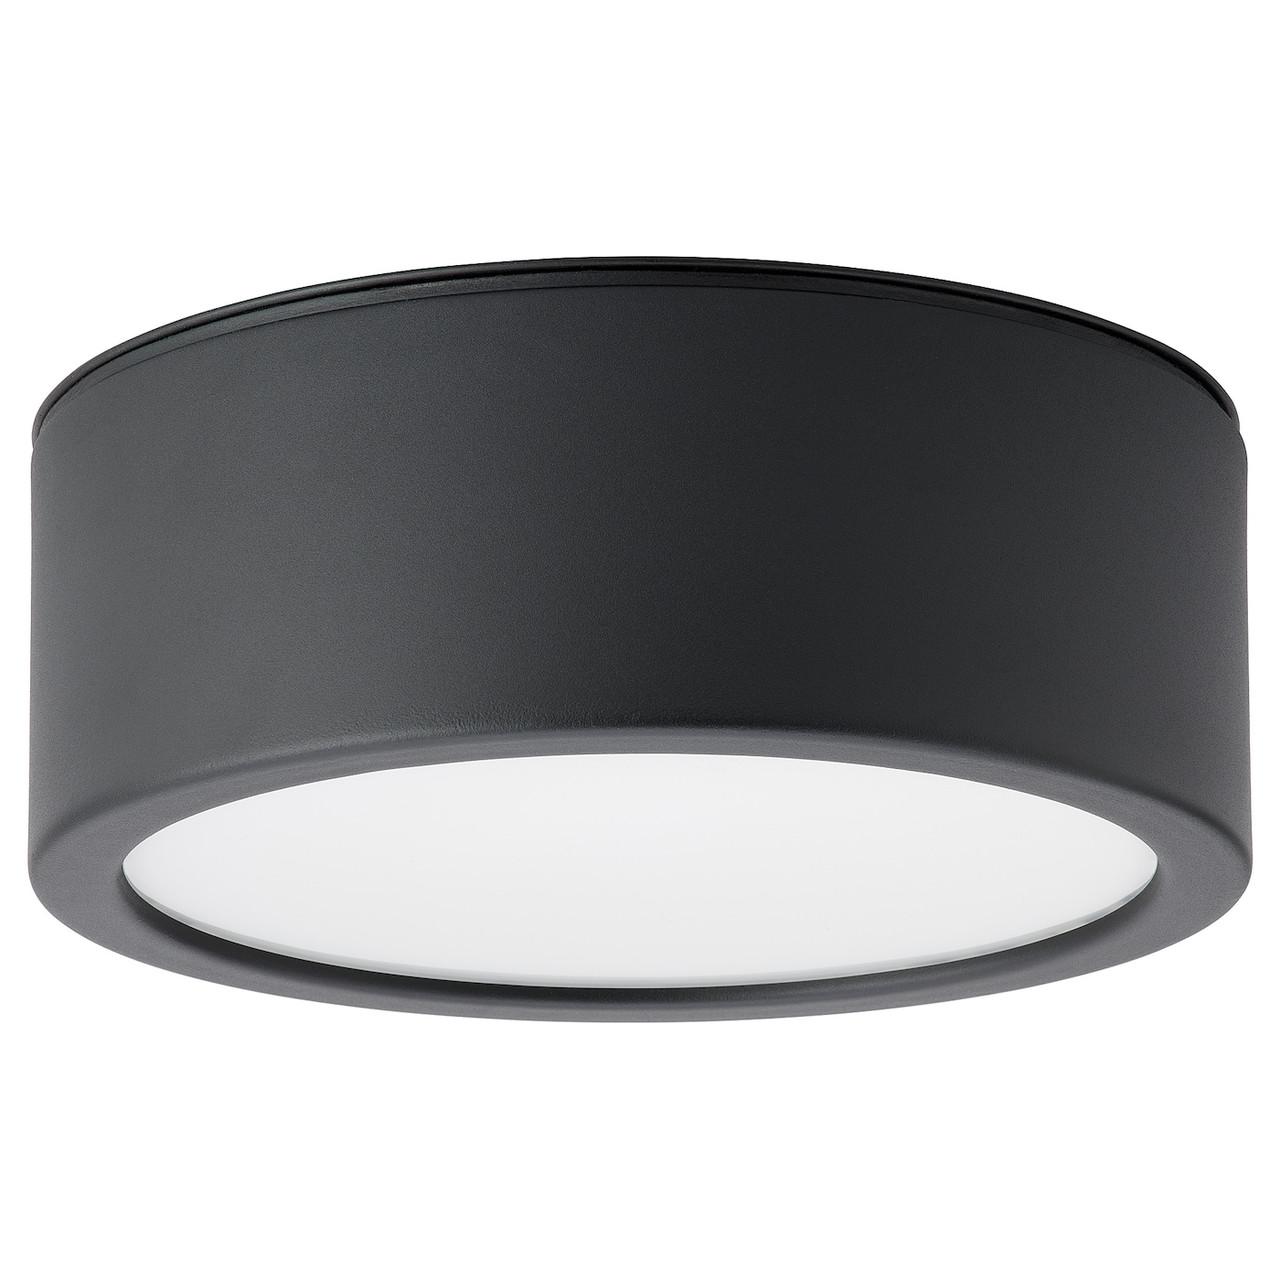 IKEA RAKSTA Потолочный светильник LED 28 см